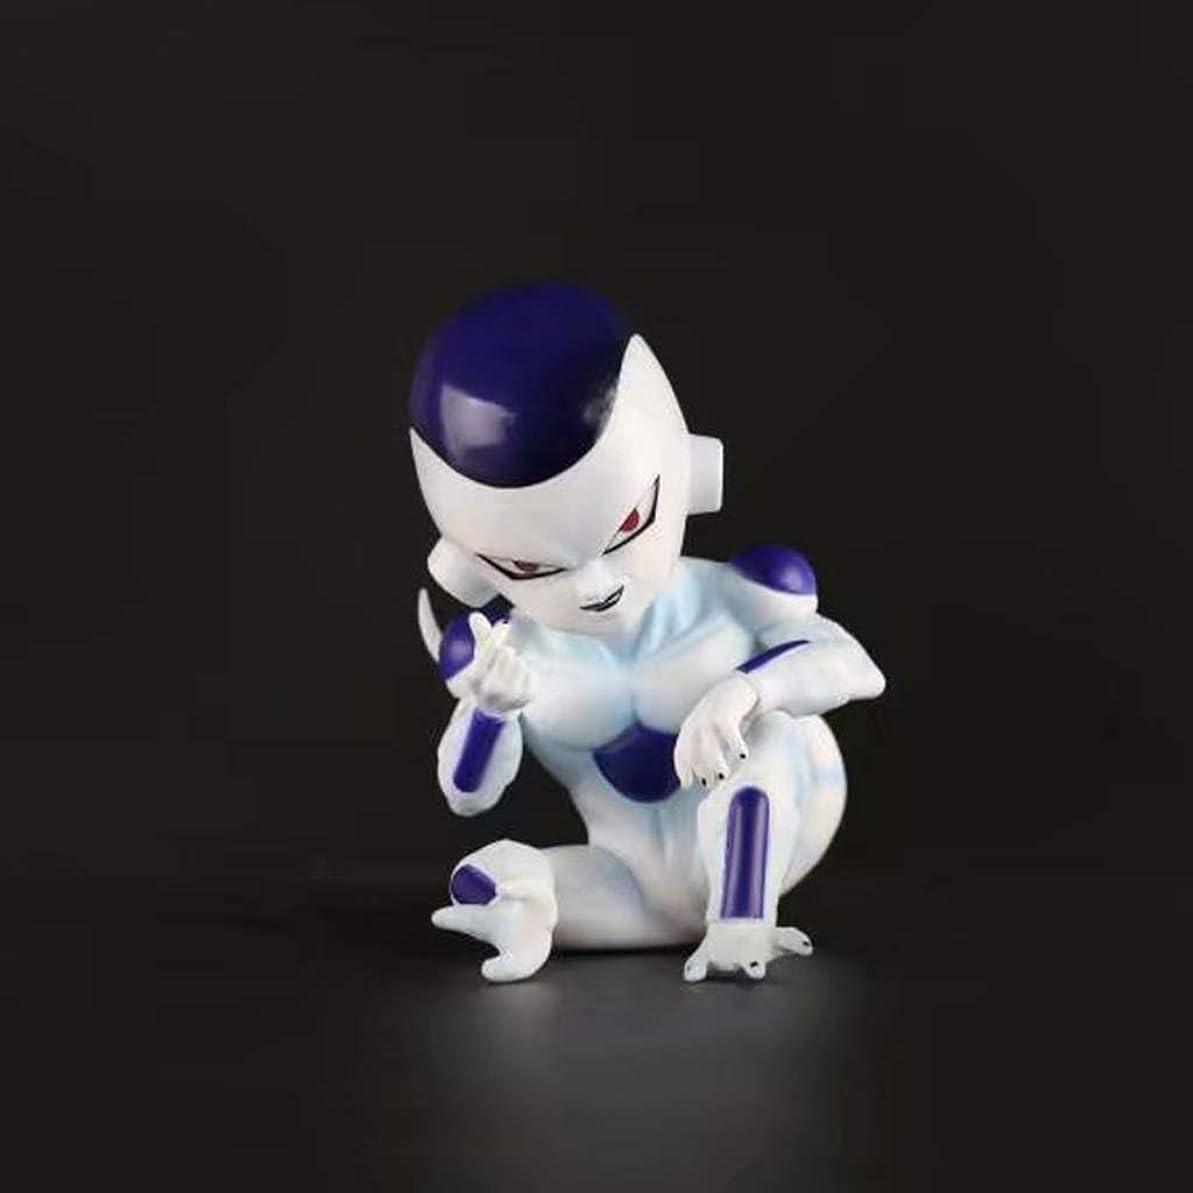 シャッター敬意を表して剃るフィギュアドラゴンボールモデル、Fliesa、アニメの像、おもちゃコレクションの像、卓上装飾玩具像玩具モデル(12cm) SHWSM